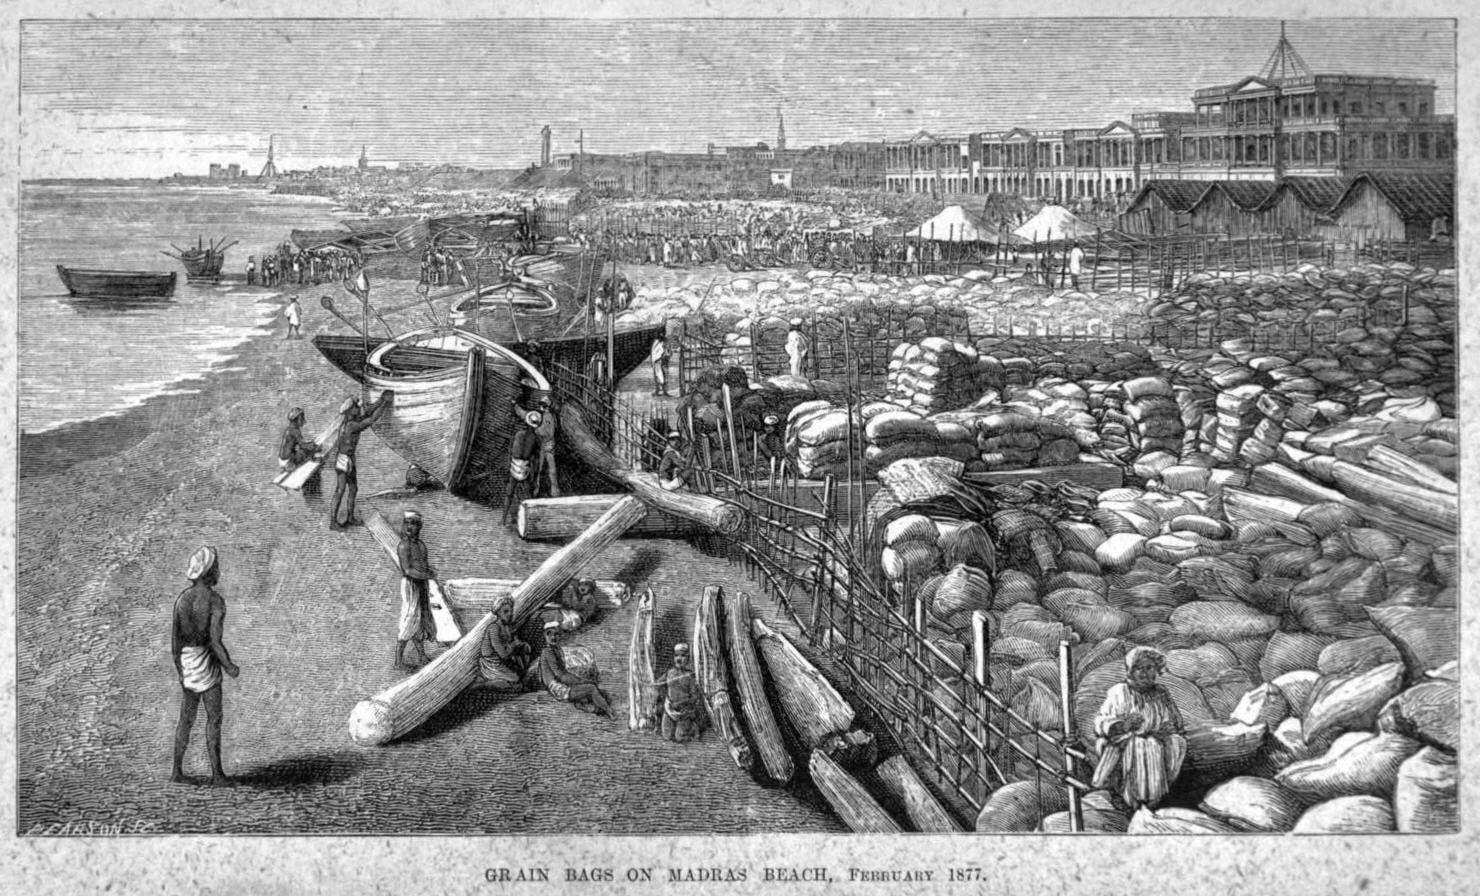 رسم تخيلي يجسد القمح الهندي الممخزن استعدادا لتصديره عام 1877